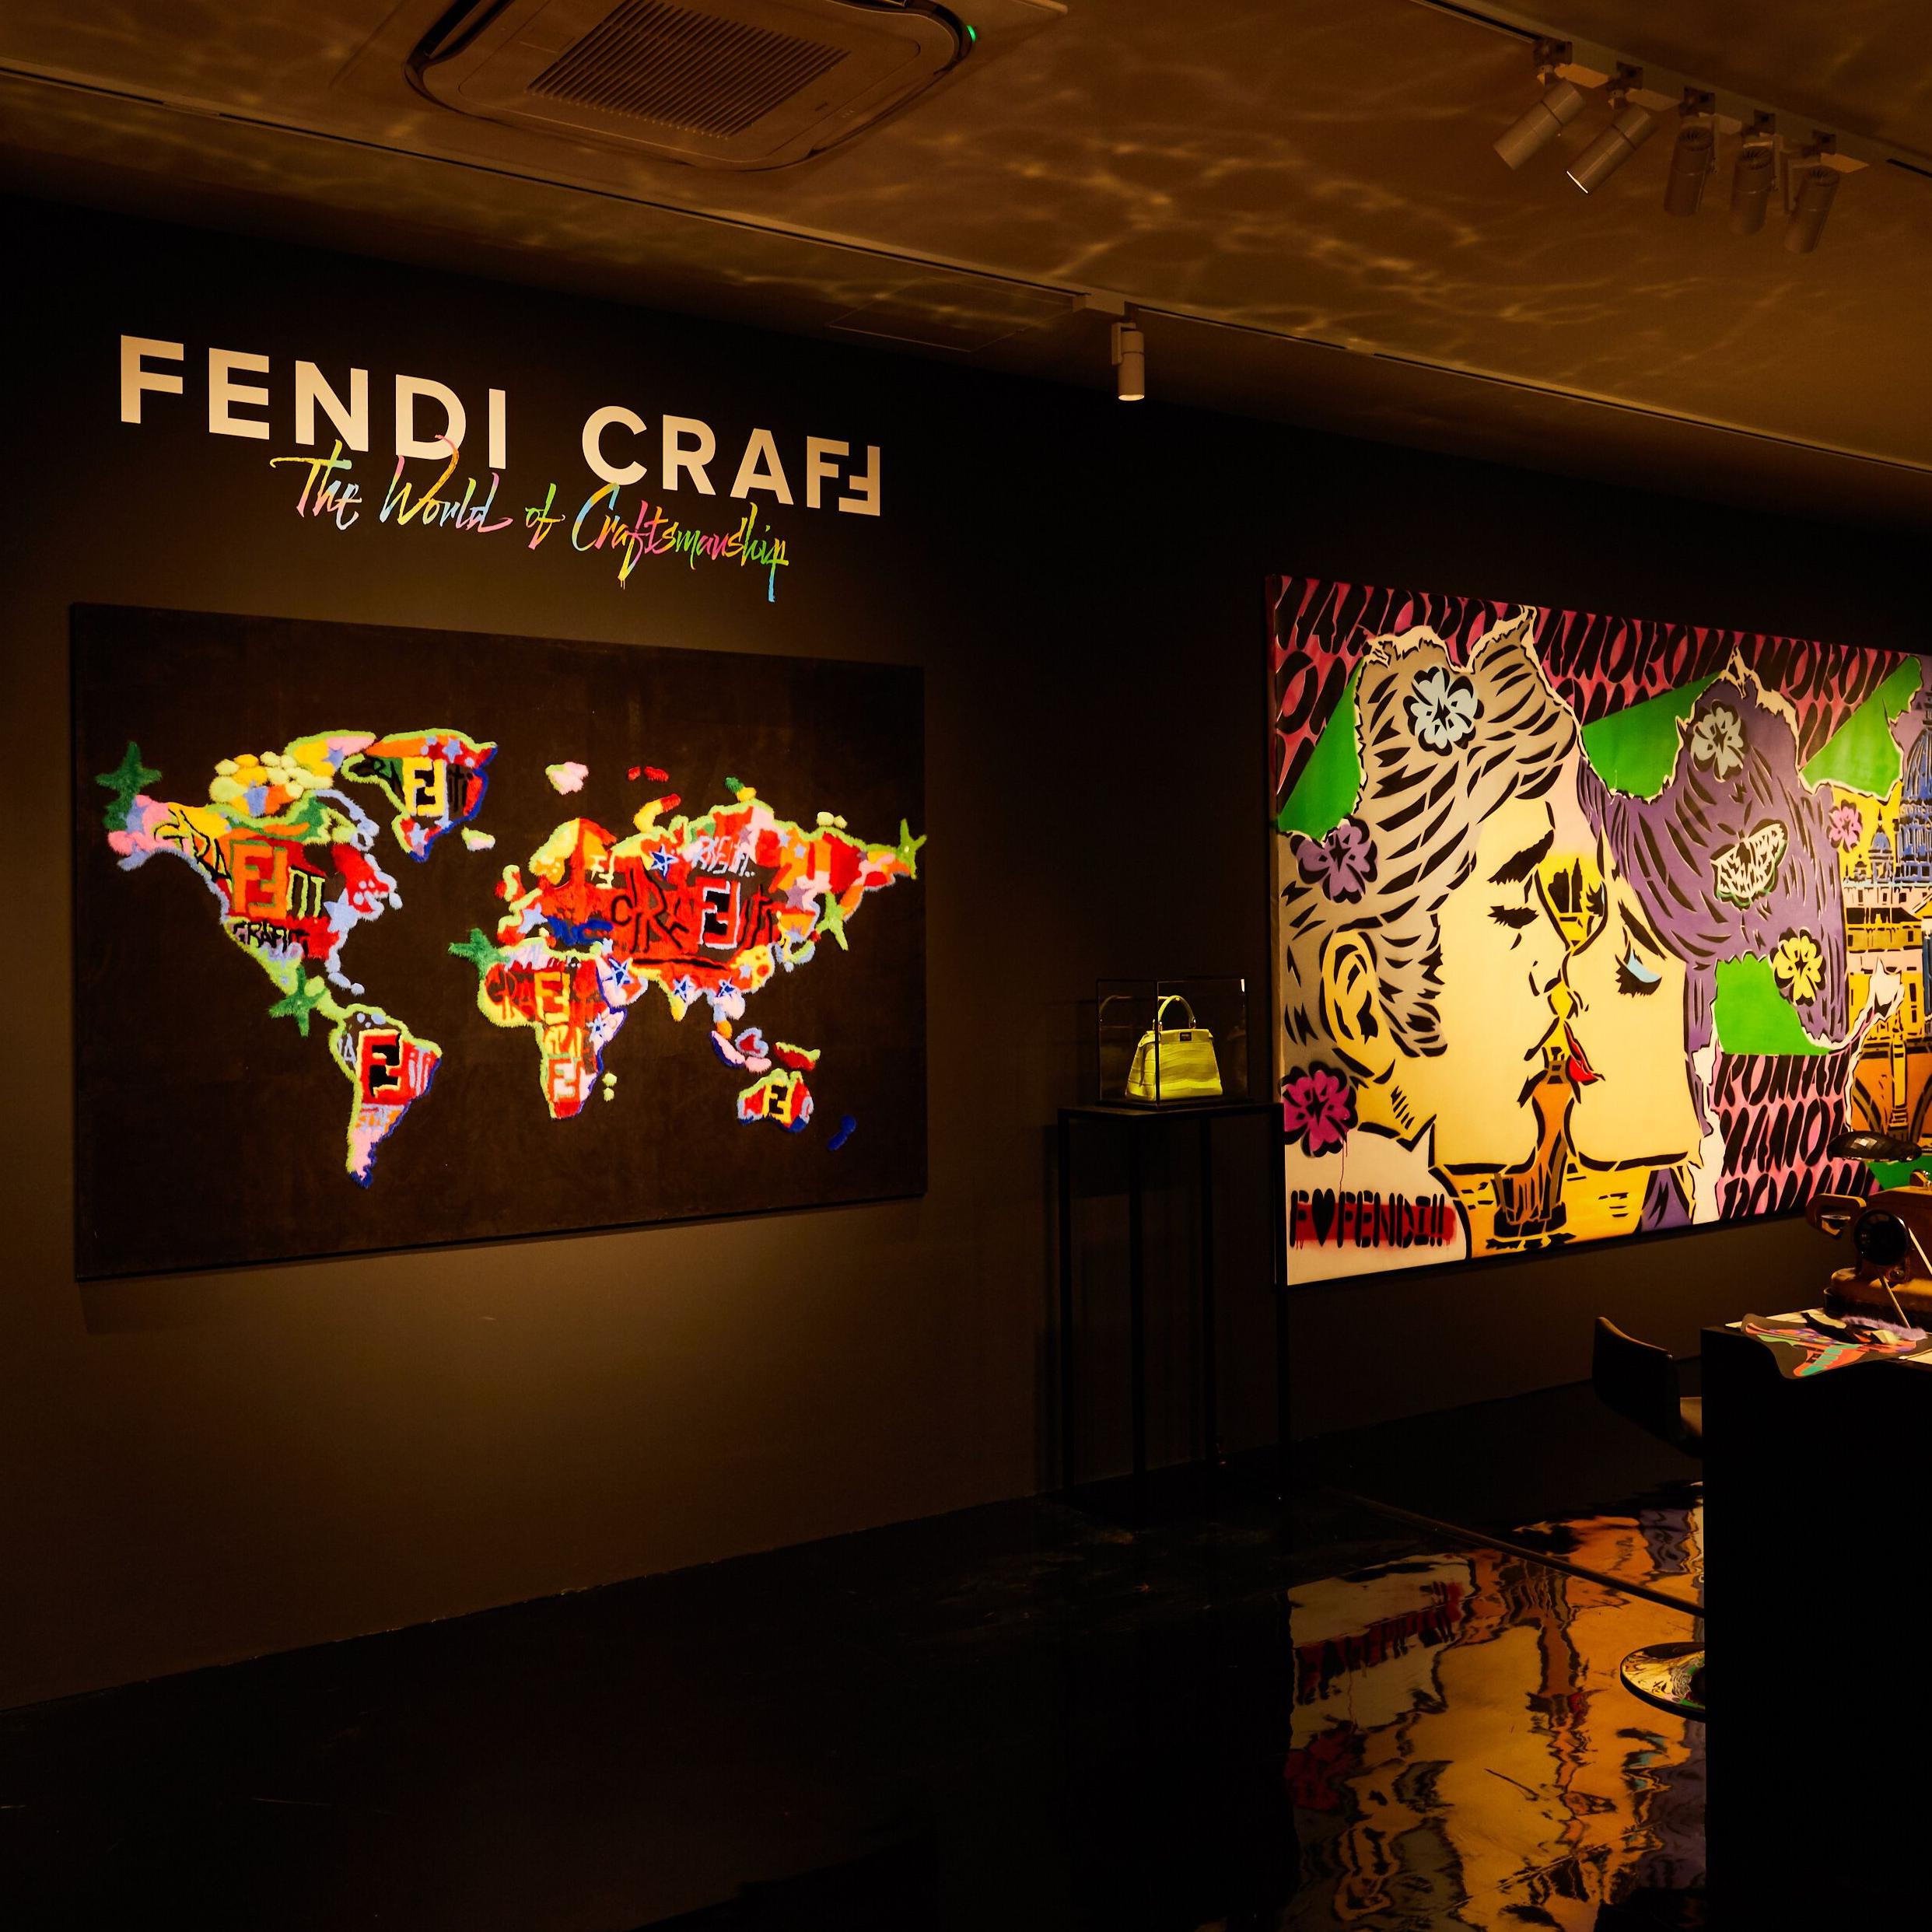 讚揚FENDI 的當代高超技藝與創意─「FENDI CRAFF」展